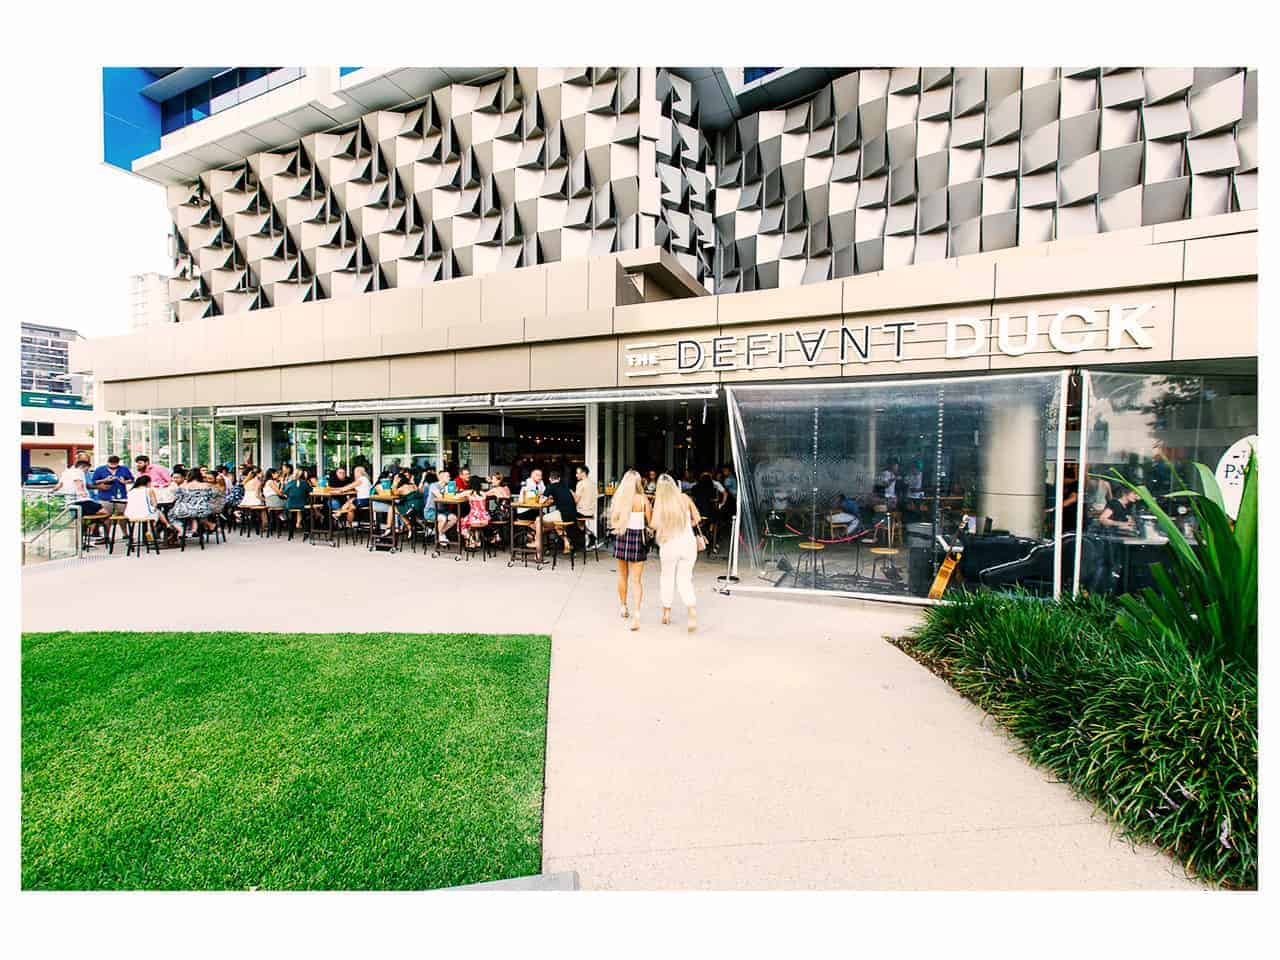 Outdoor events venue